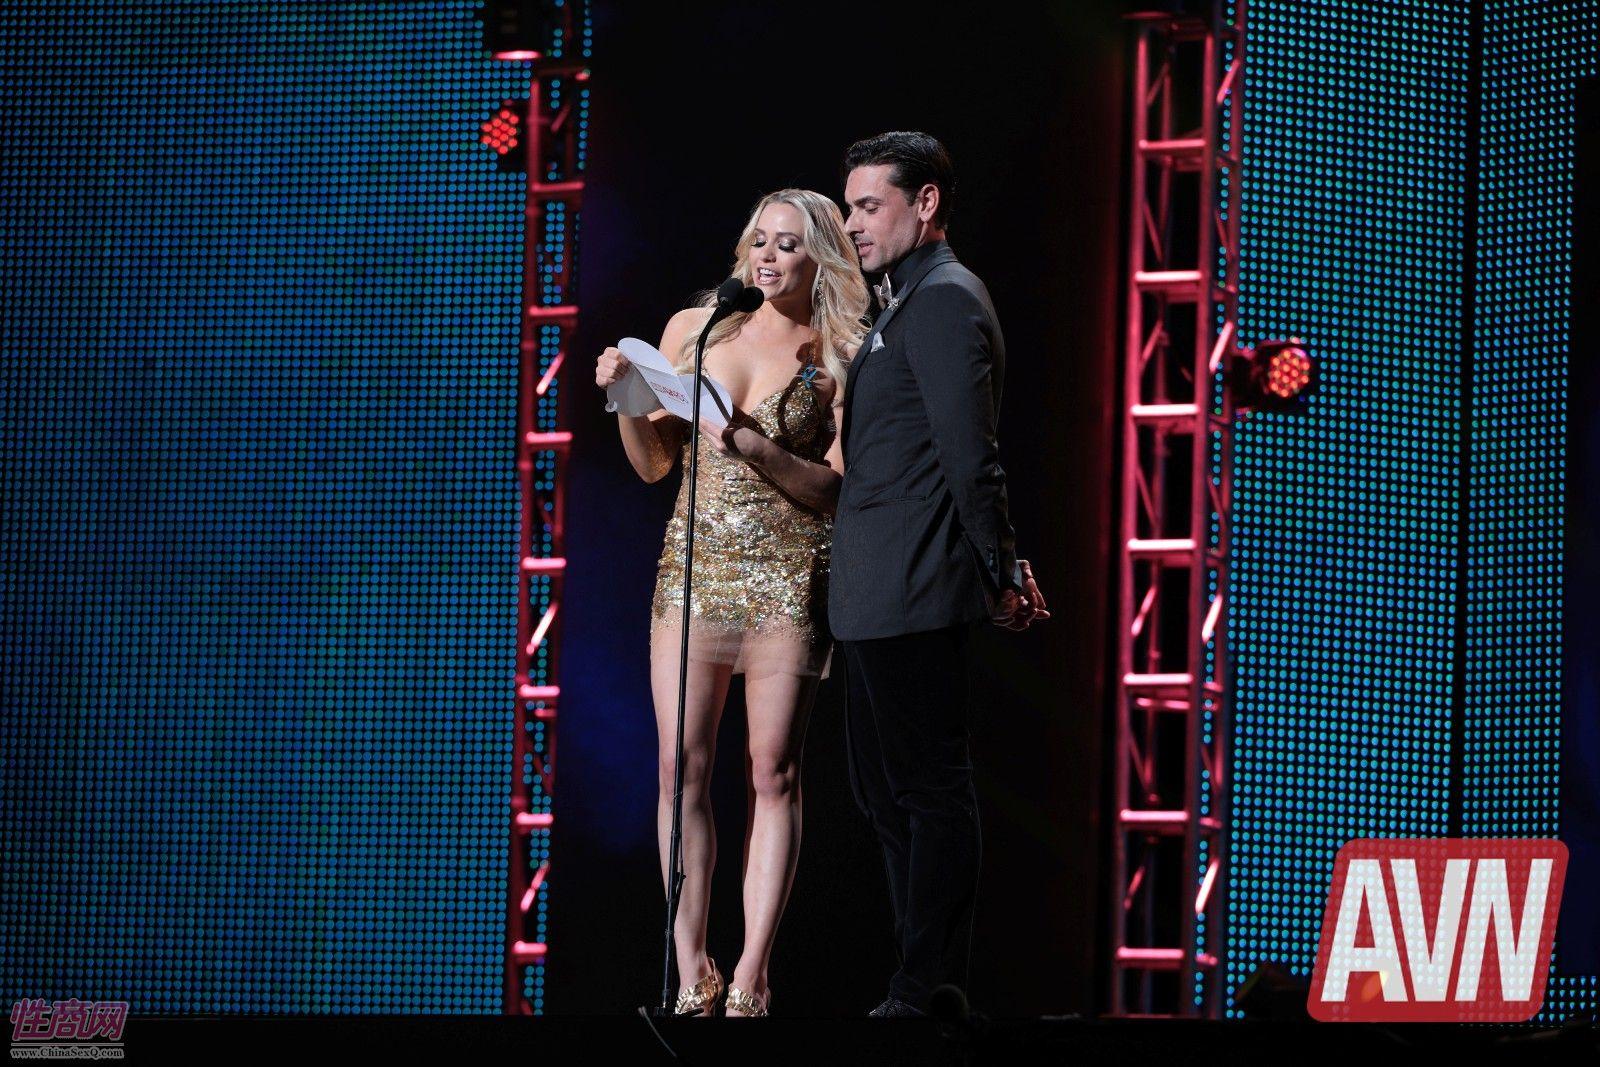 18拉斯维加斯成人展AVN:颁奖典礼 (18)